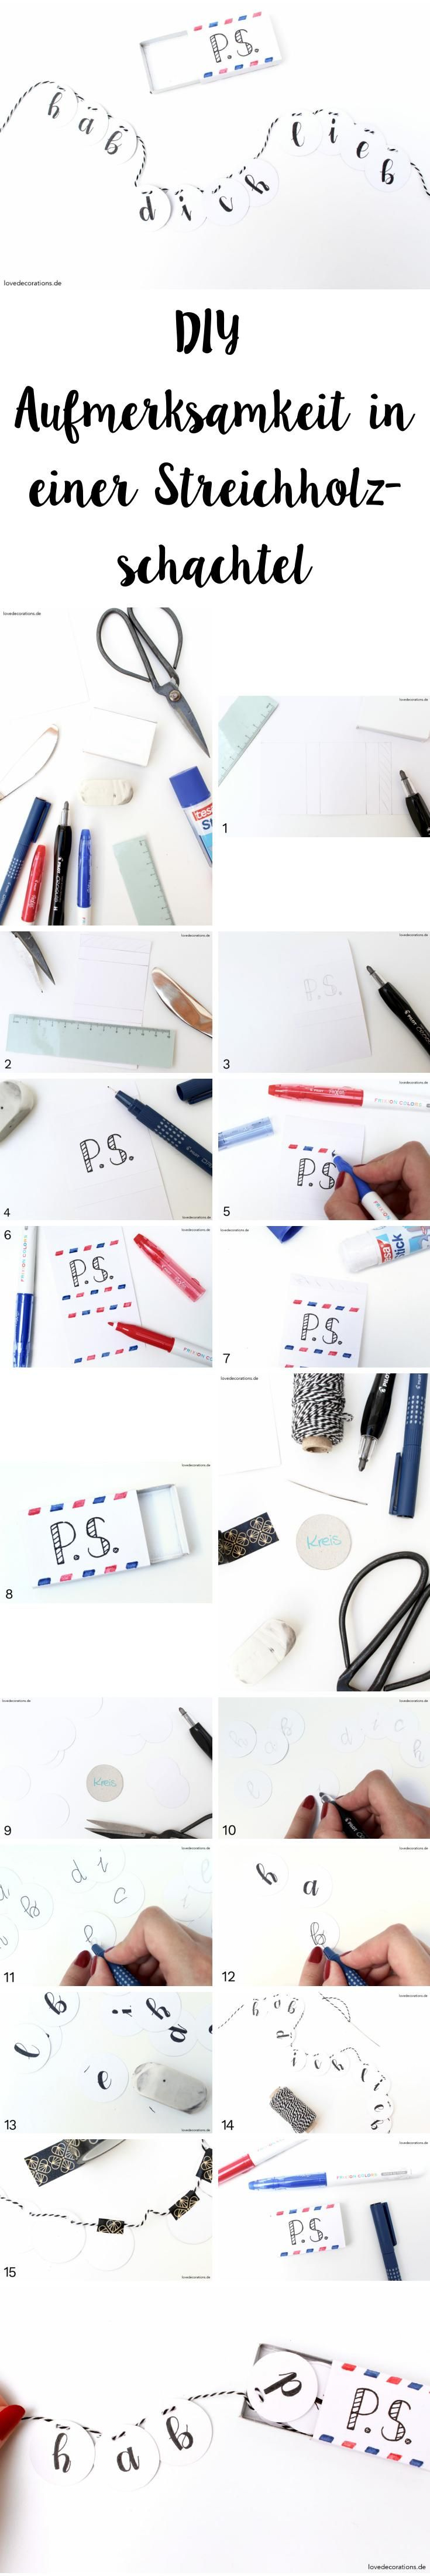 DIY Aufmerksamkeit in einer Streichholzschachtel   DIY Gift Matchbox